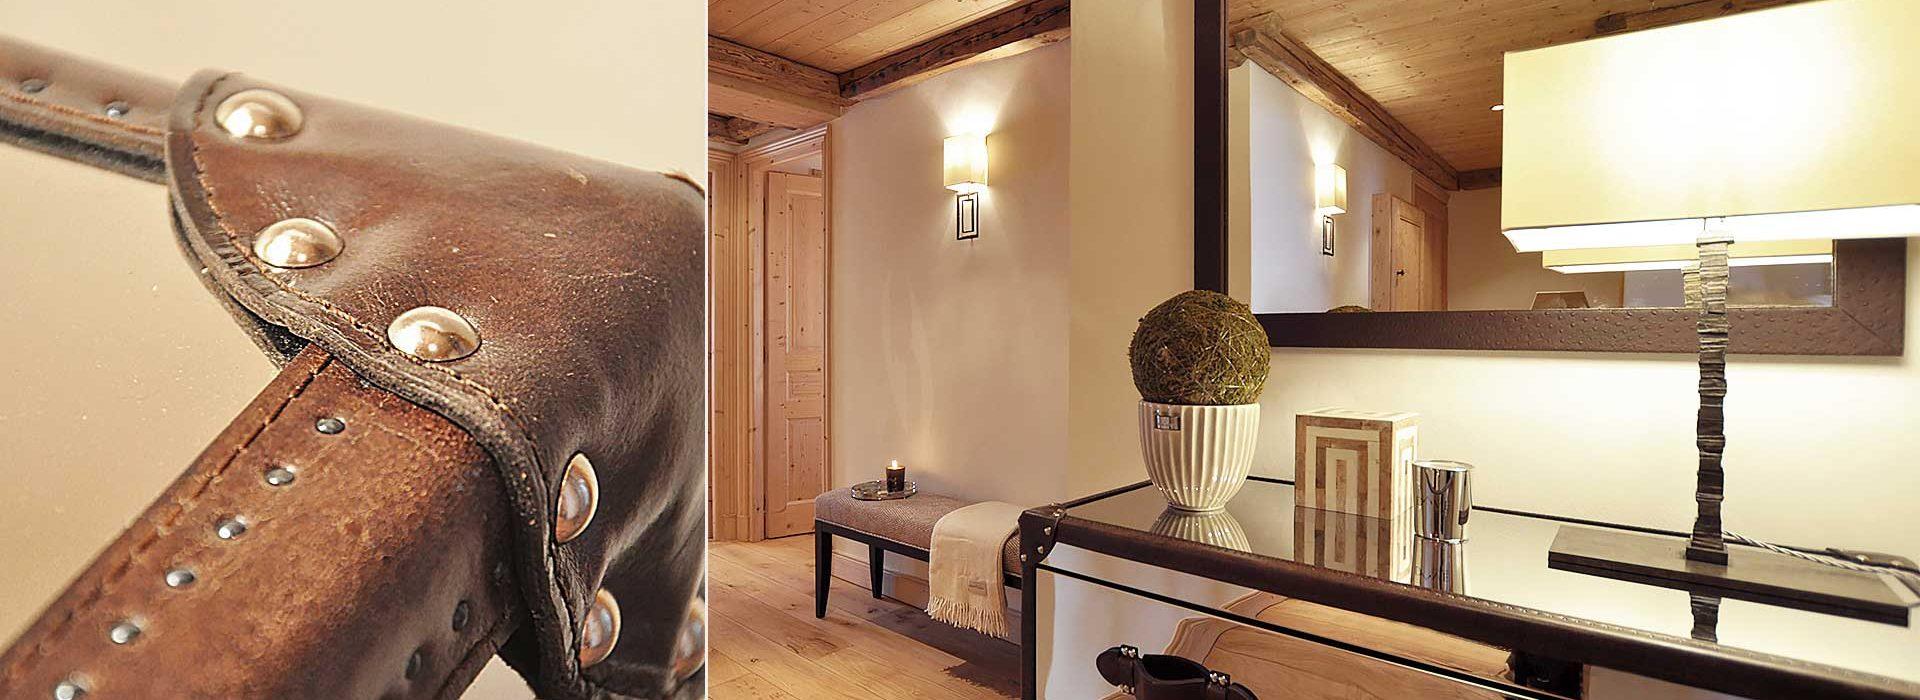 APARTMENT-FRENCH-ALPS-06-Dome-interior-design-Geneve-Suisse